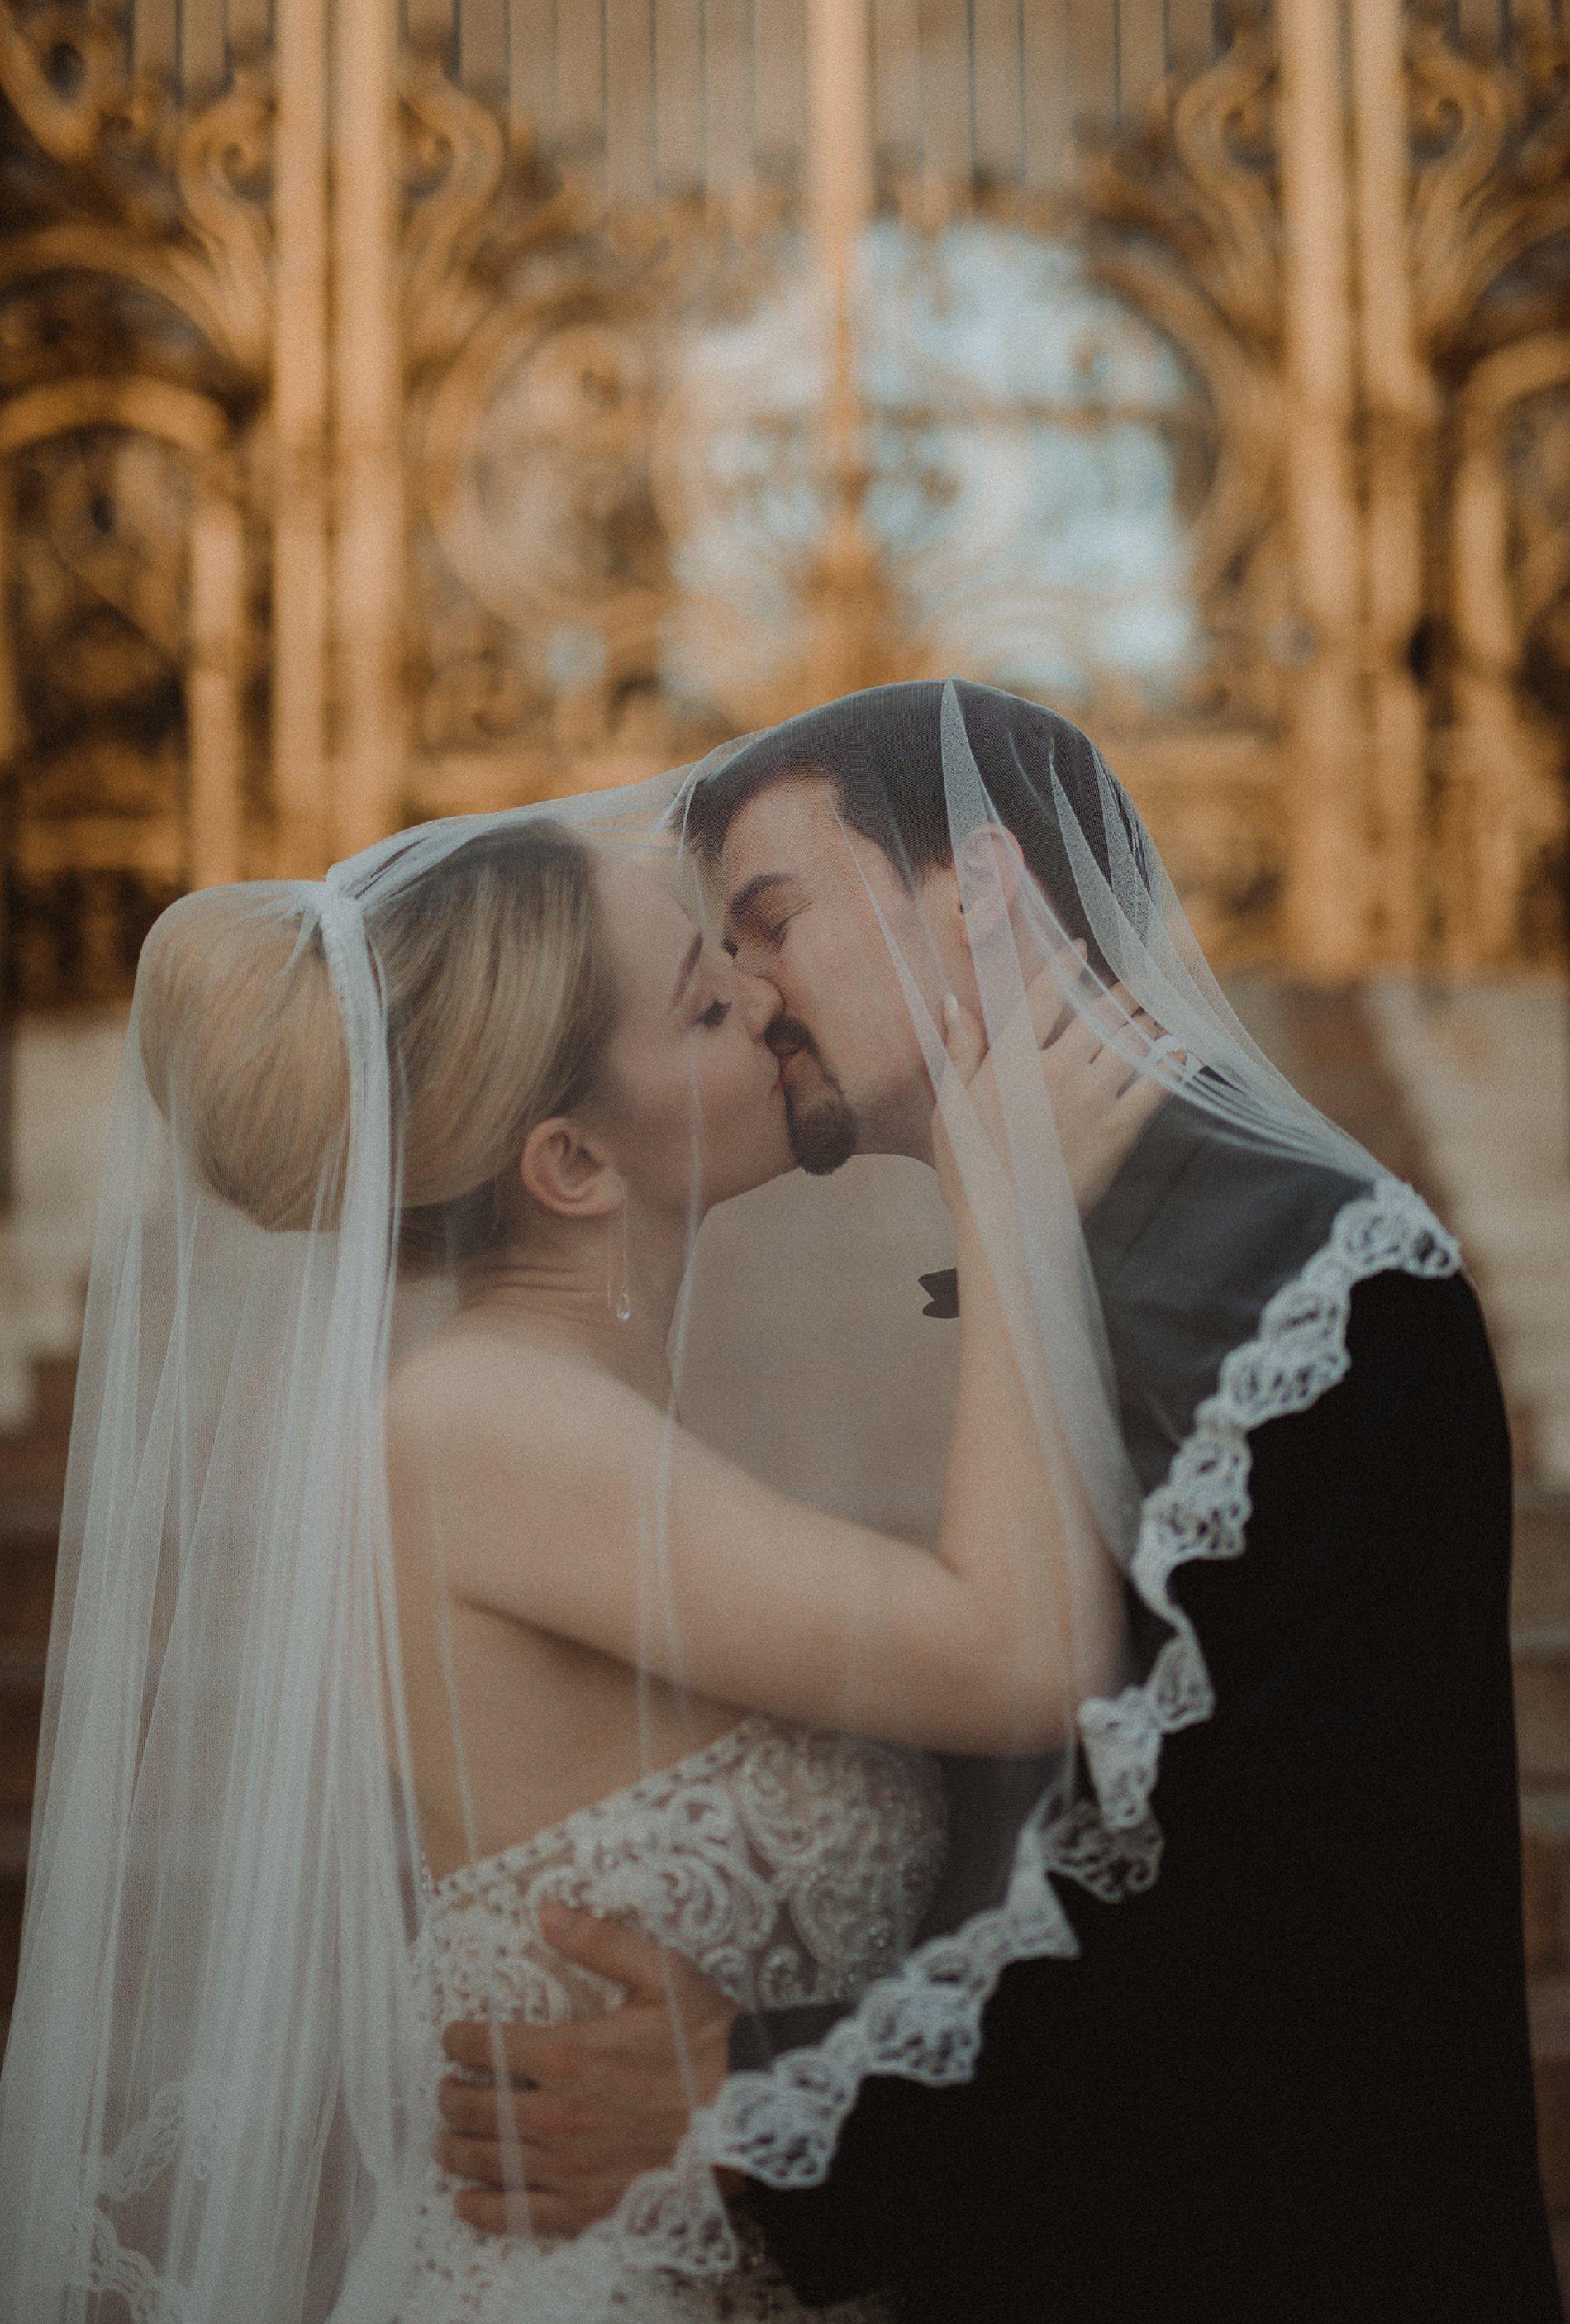 Miss He Bridal Romantic Paris Elopement (c) Xanthe Rowland Photography (41)